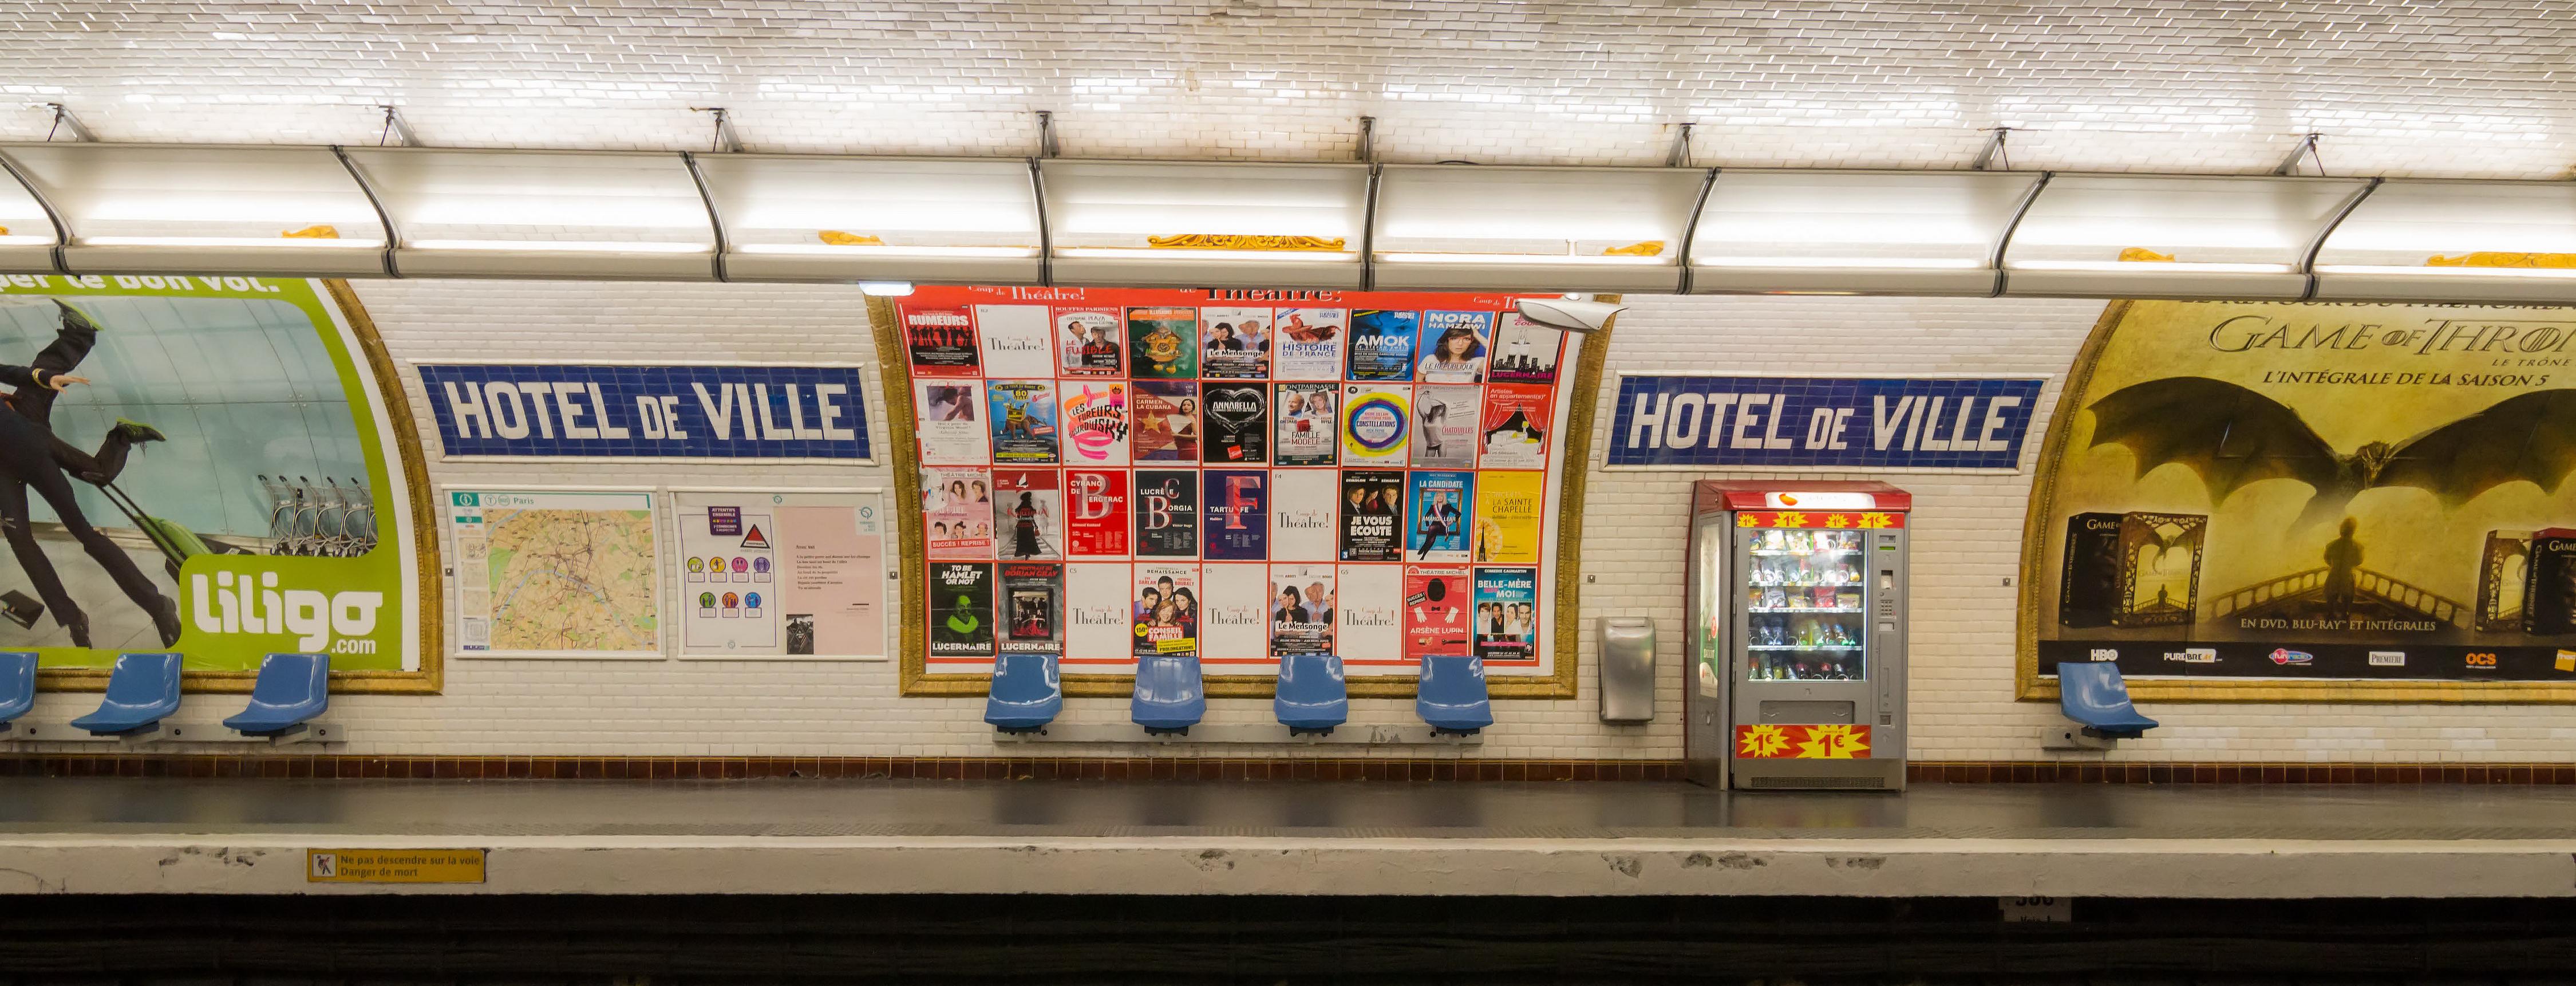 anne hidalgo renonce aux transports publics 100 gratuits vivre paris. Black Bedroom Furniture Sets. Home Design Ideas